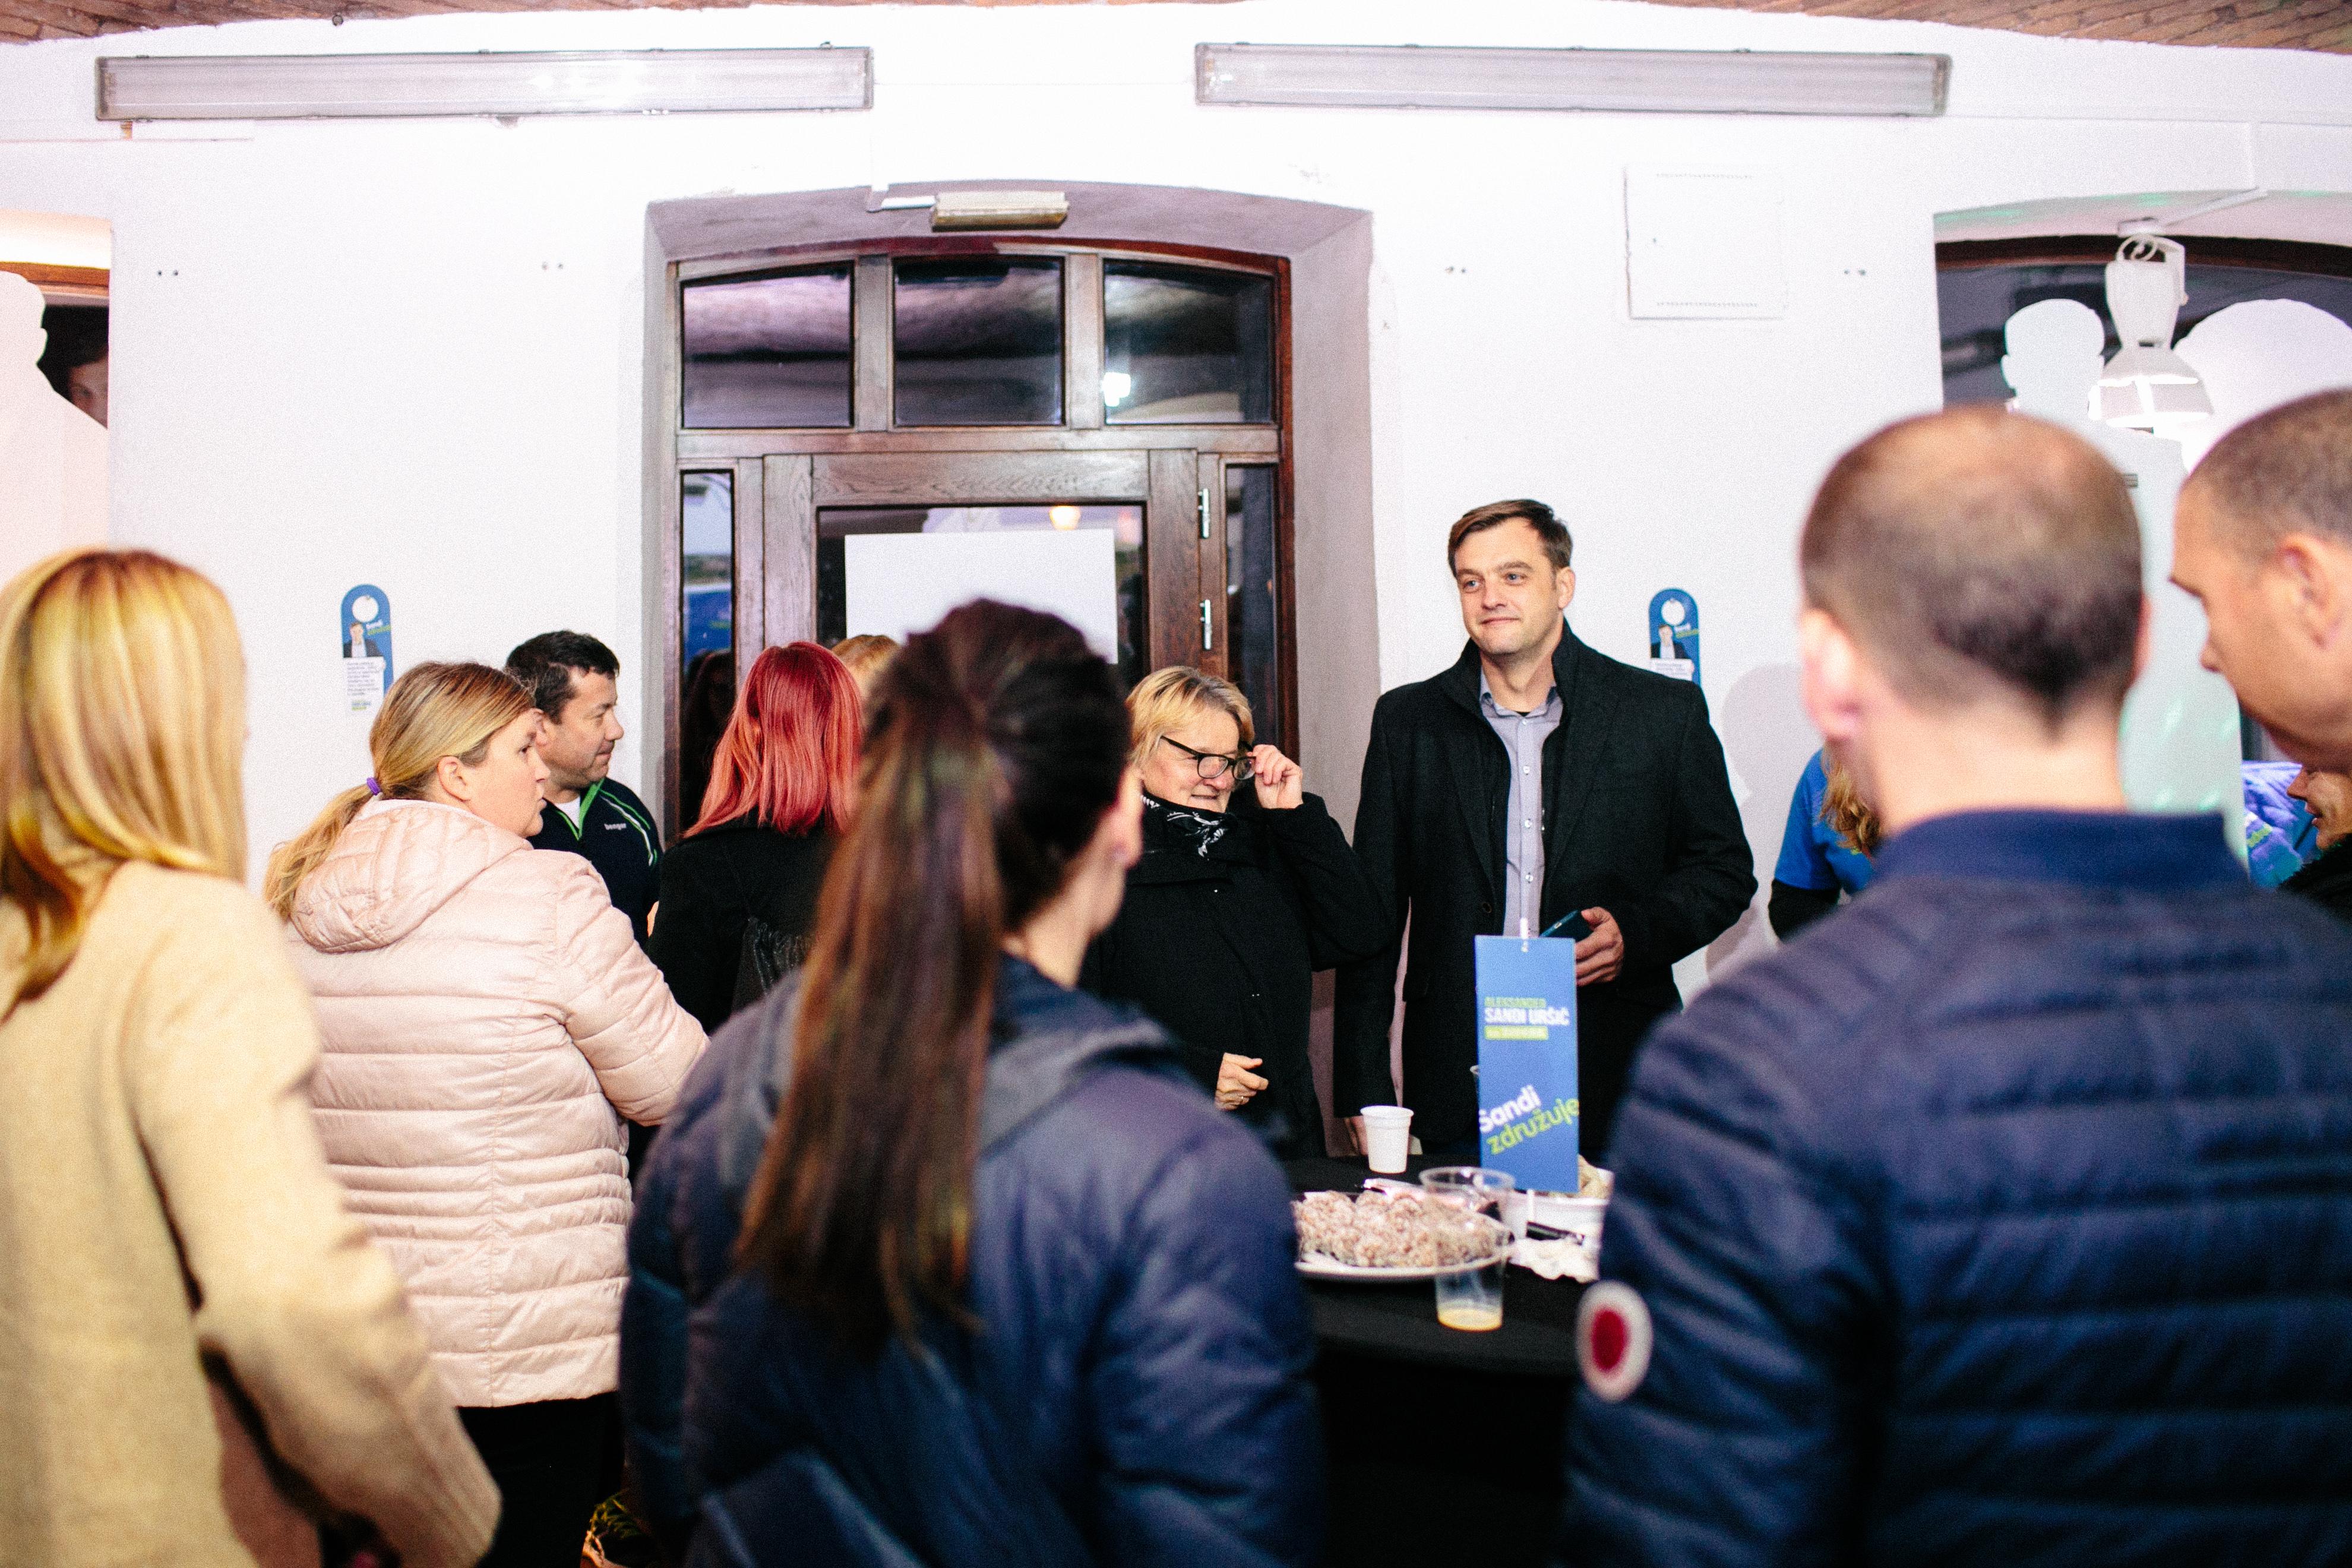 Nedeljsko pozno popoldne in večer je ekipa Sandija Uršiča na čelu z županskim kandidatom in številnimi podporniki preživela v volilni pisarni na Glavnem trgu 13 v Kamniku.